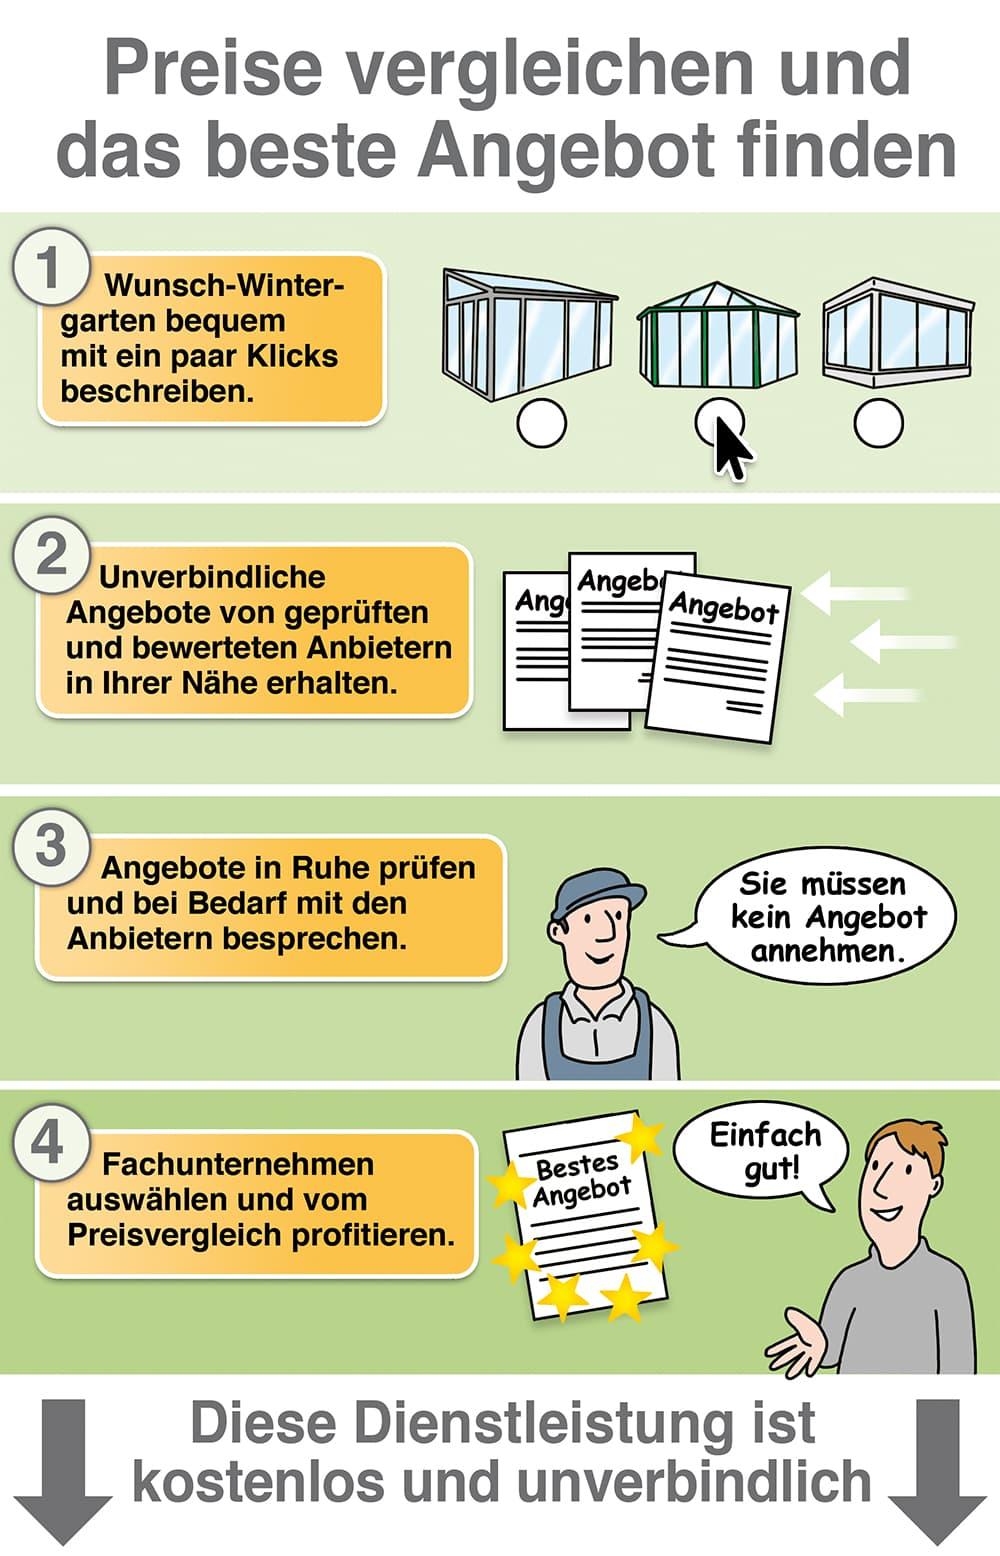 Wintergarten: Angebote und Preise vergleichen